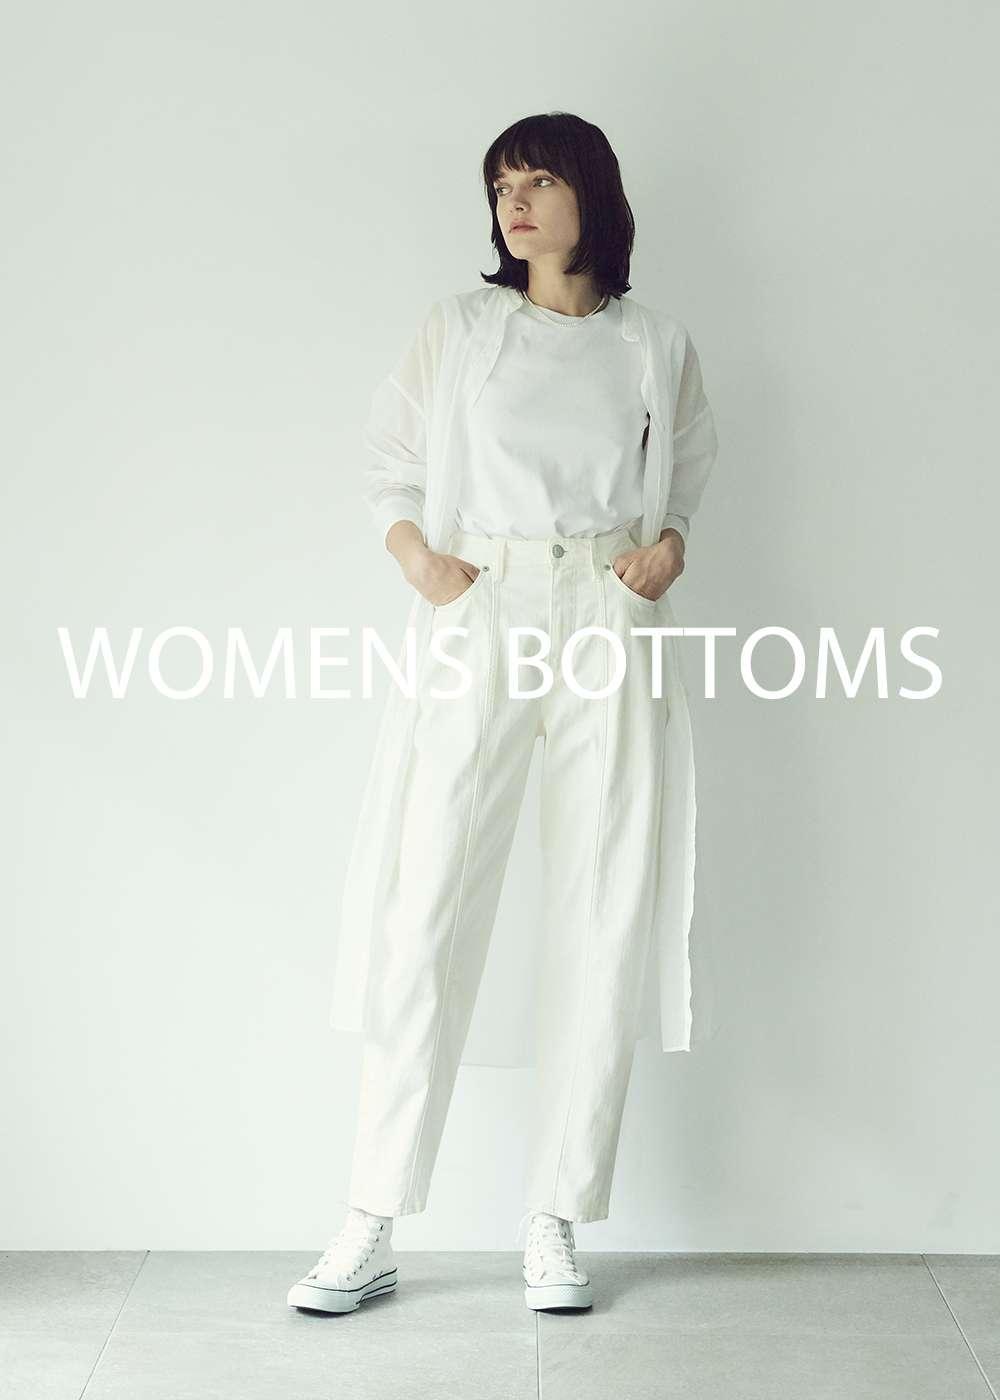 Womens Bottoms